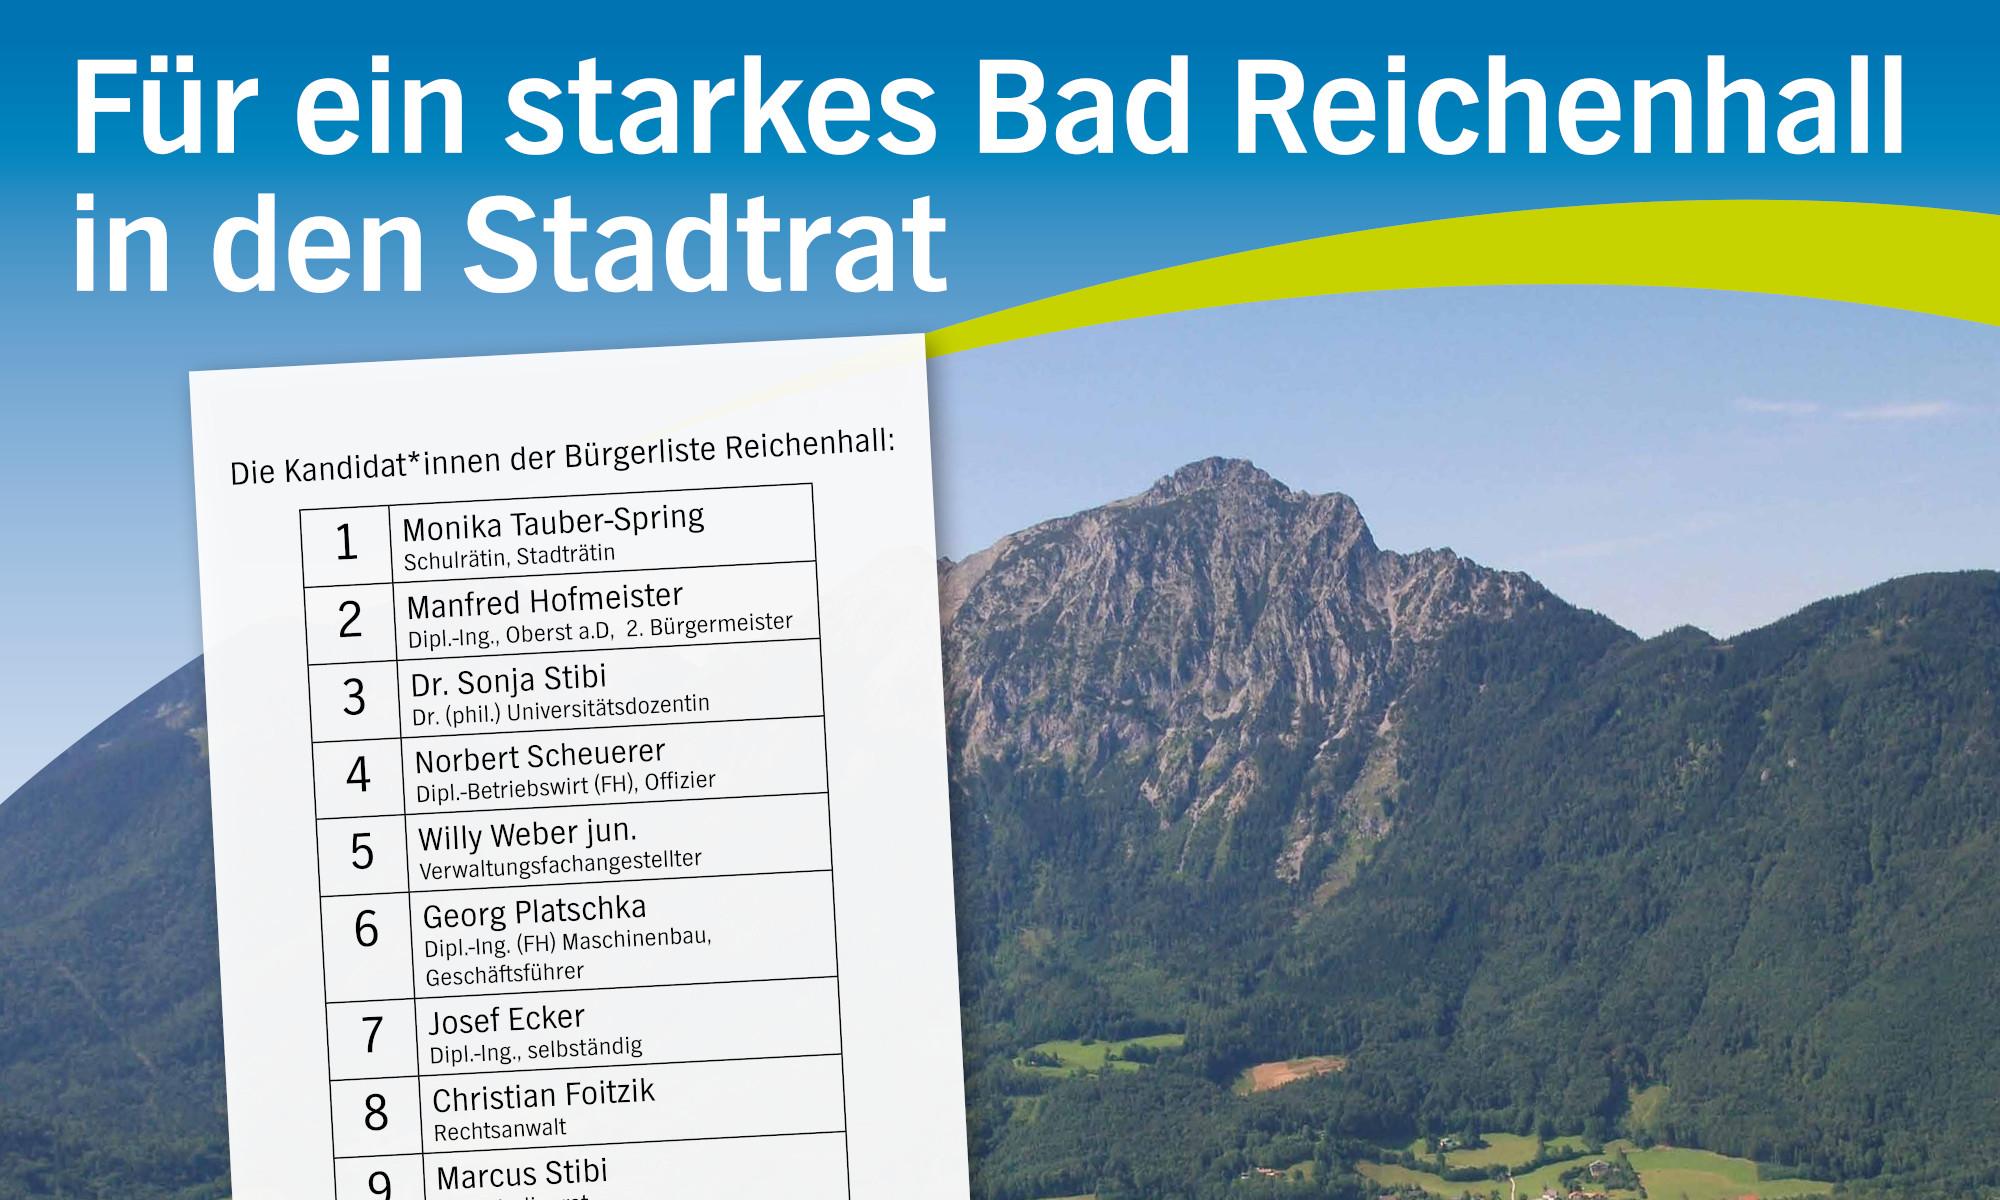 Bürgerliste Reichenhall